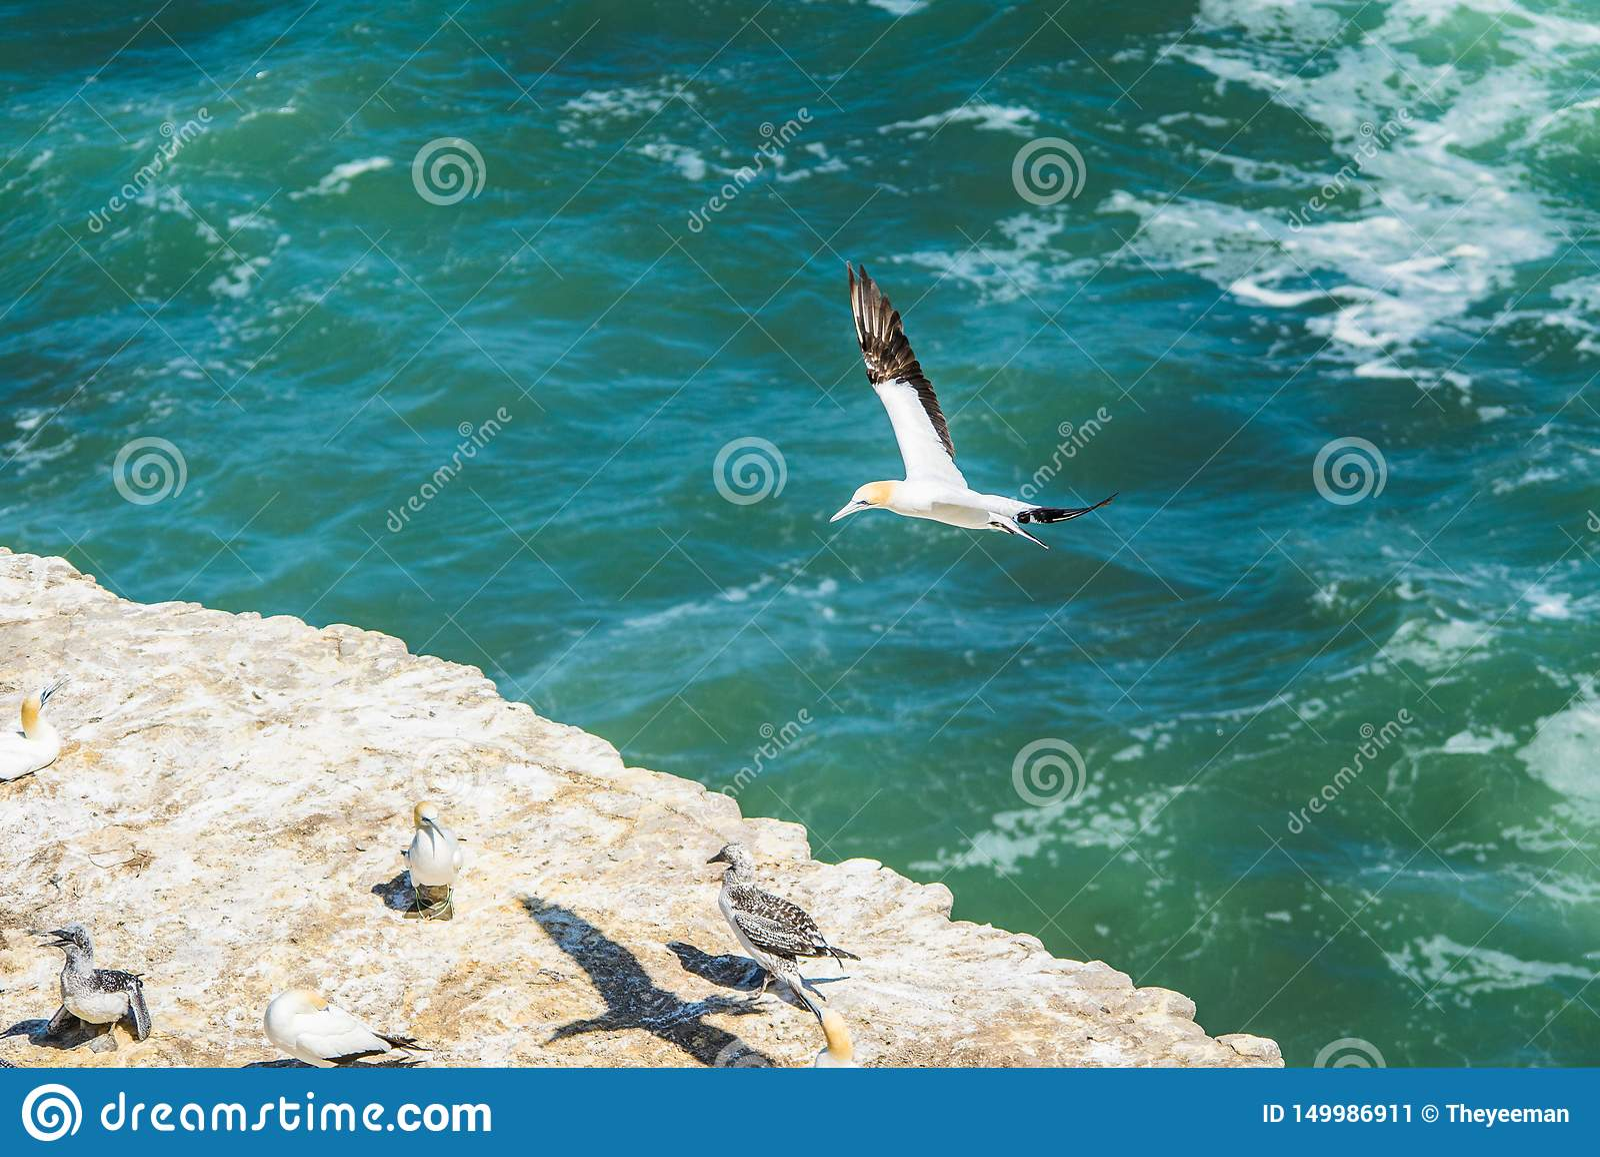 Flying gannet bird